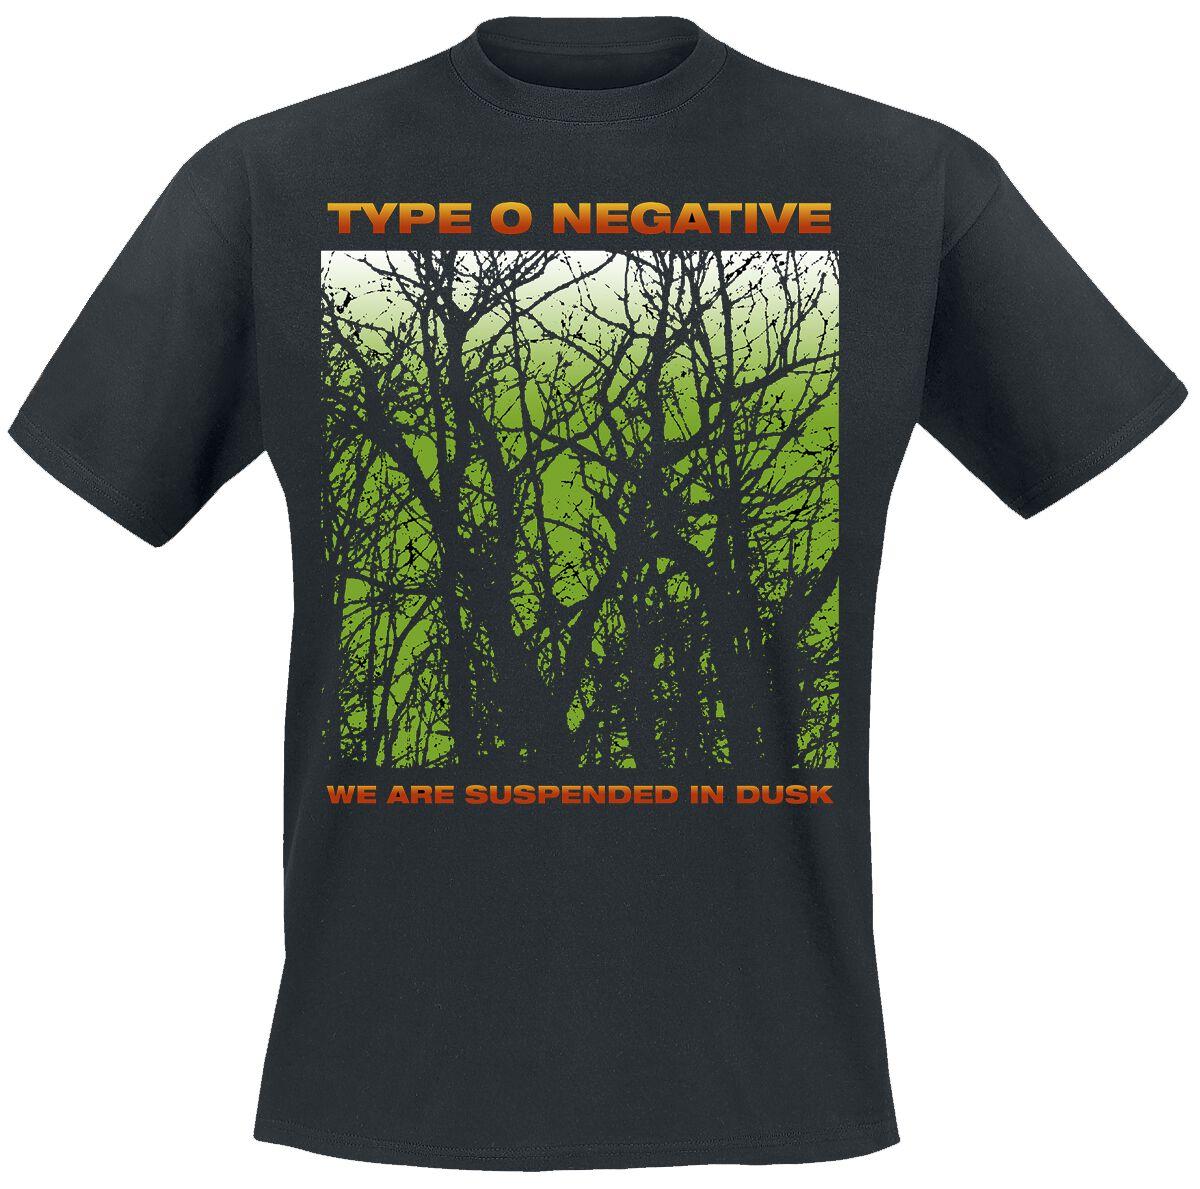 Type O Negative Suspend In Dusk  T-Shirt  schwarz